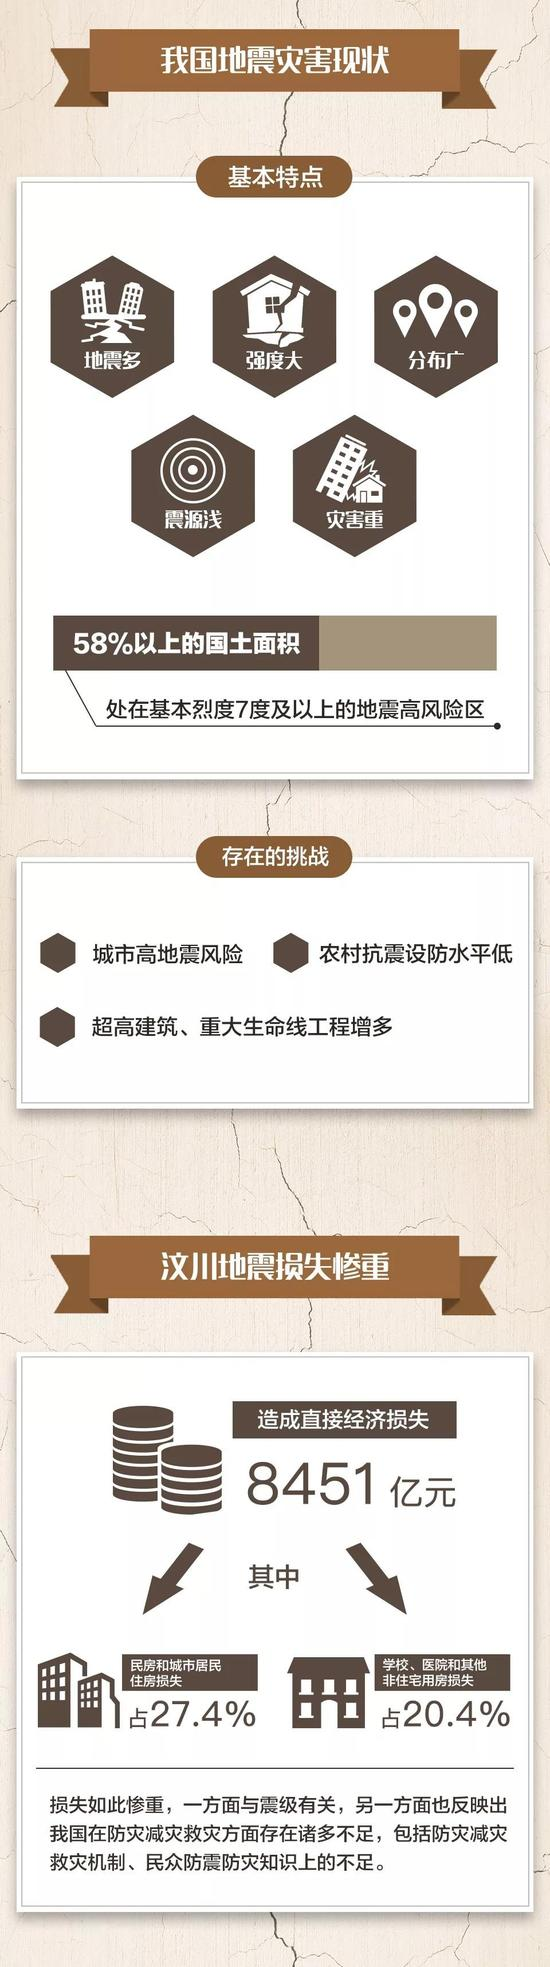 △上述数据来自于中国地震局官方网站及国新办2008年9月举行的一次颁布会